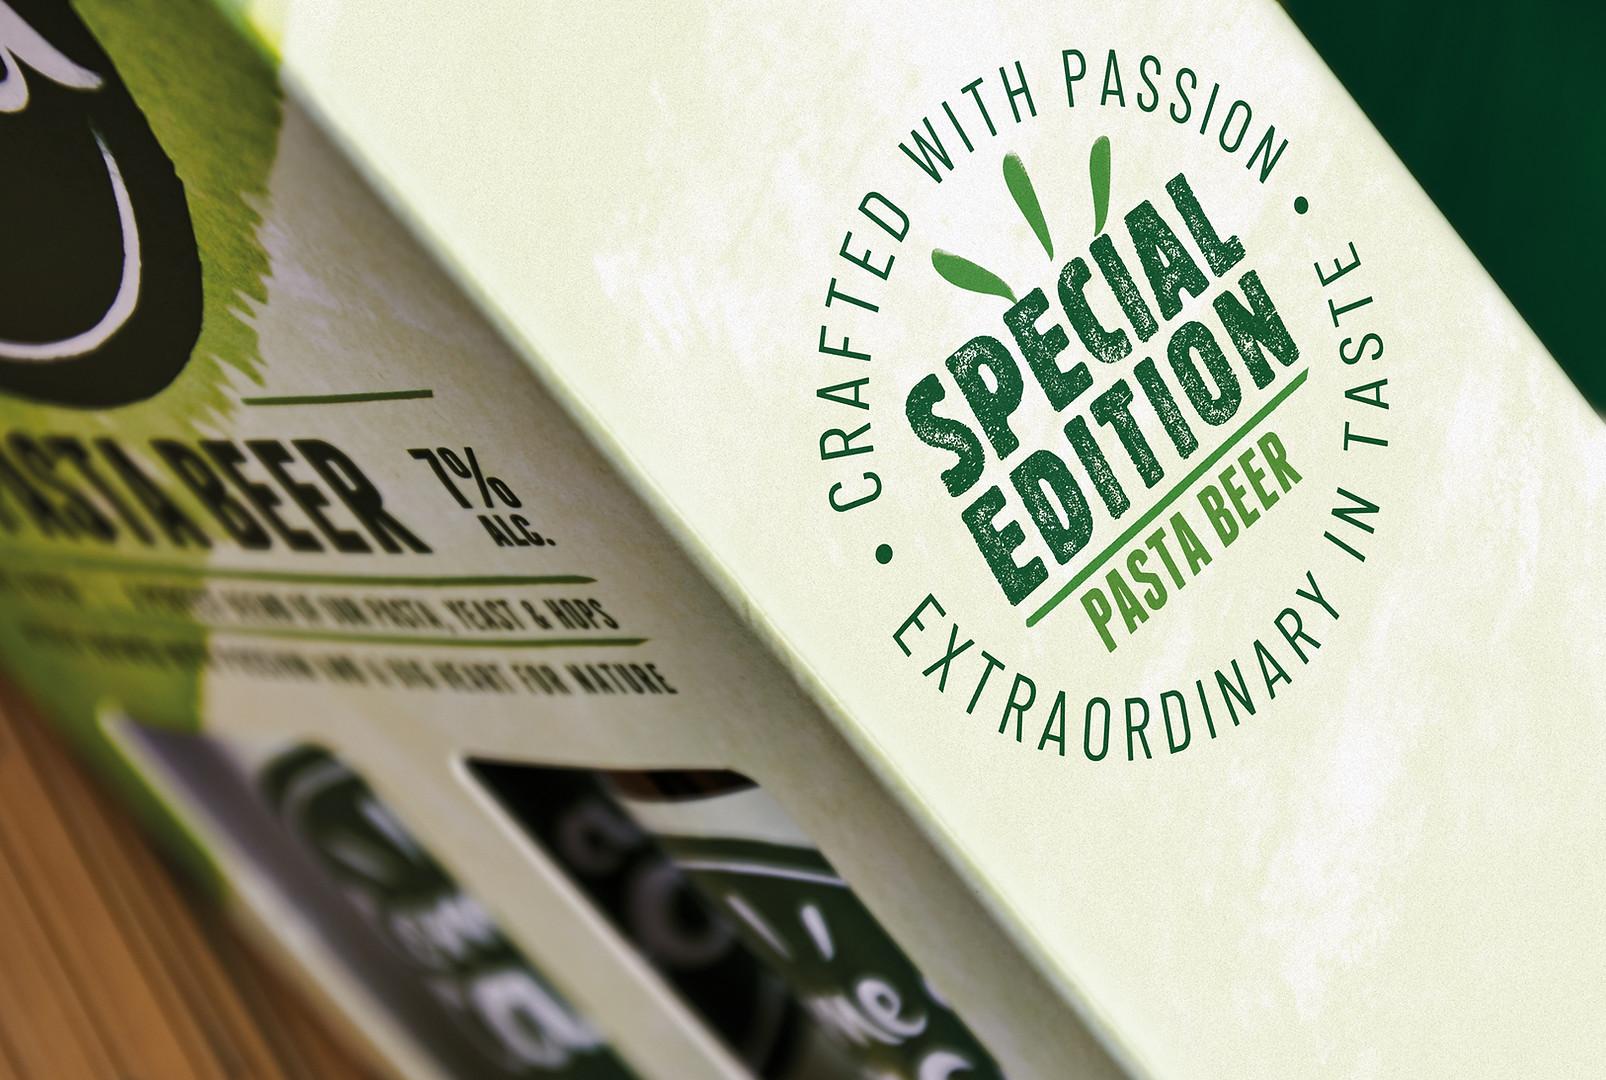 CAC---Pasta-bier---Special-edition.jpg